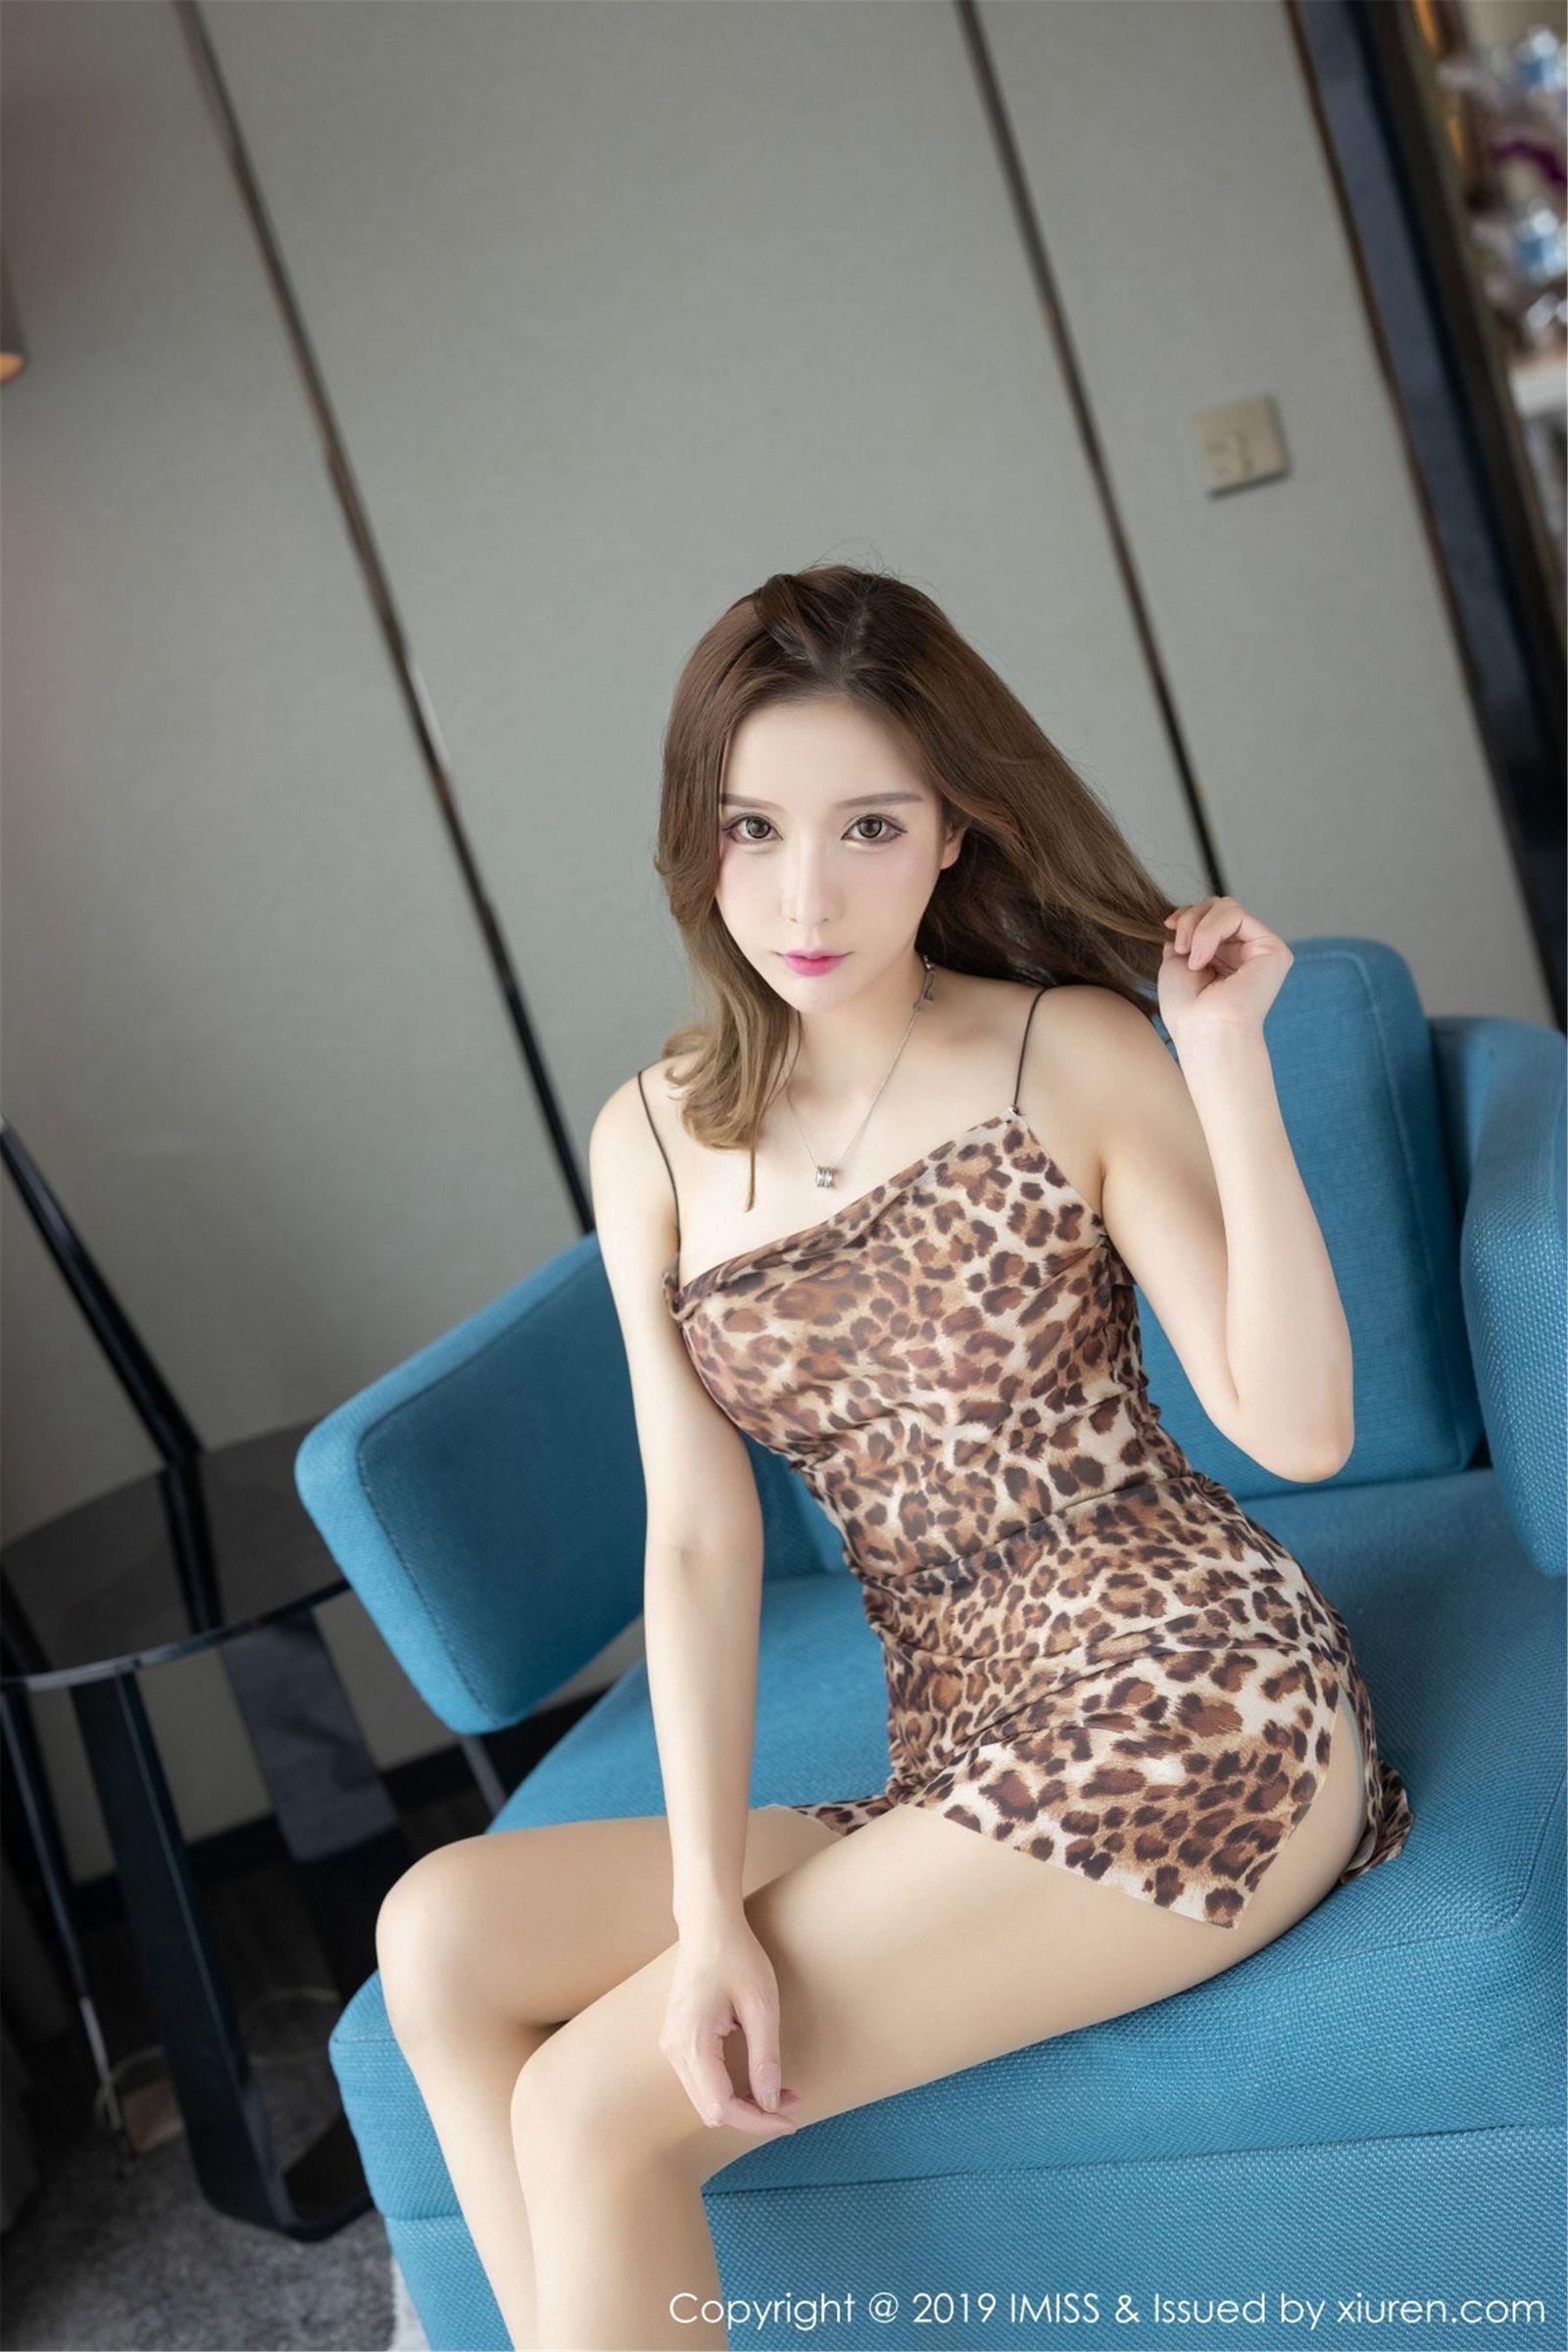 [IMiss爱蜜社] Vol.342 甜美模特@小琳丝袜美腿写真